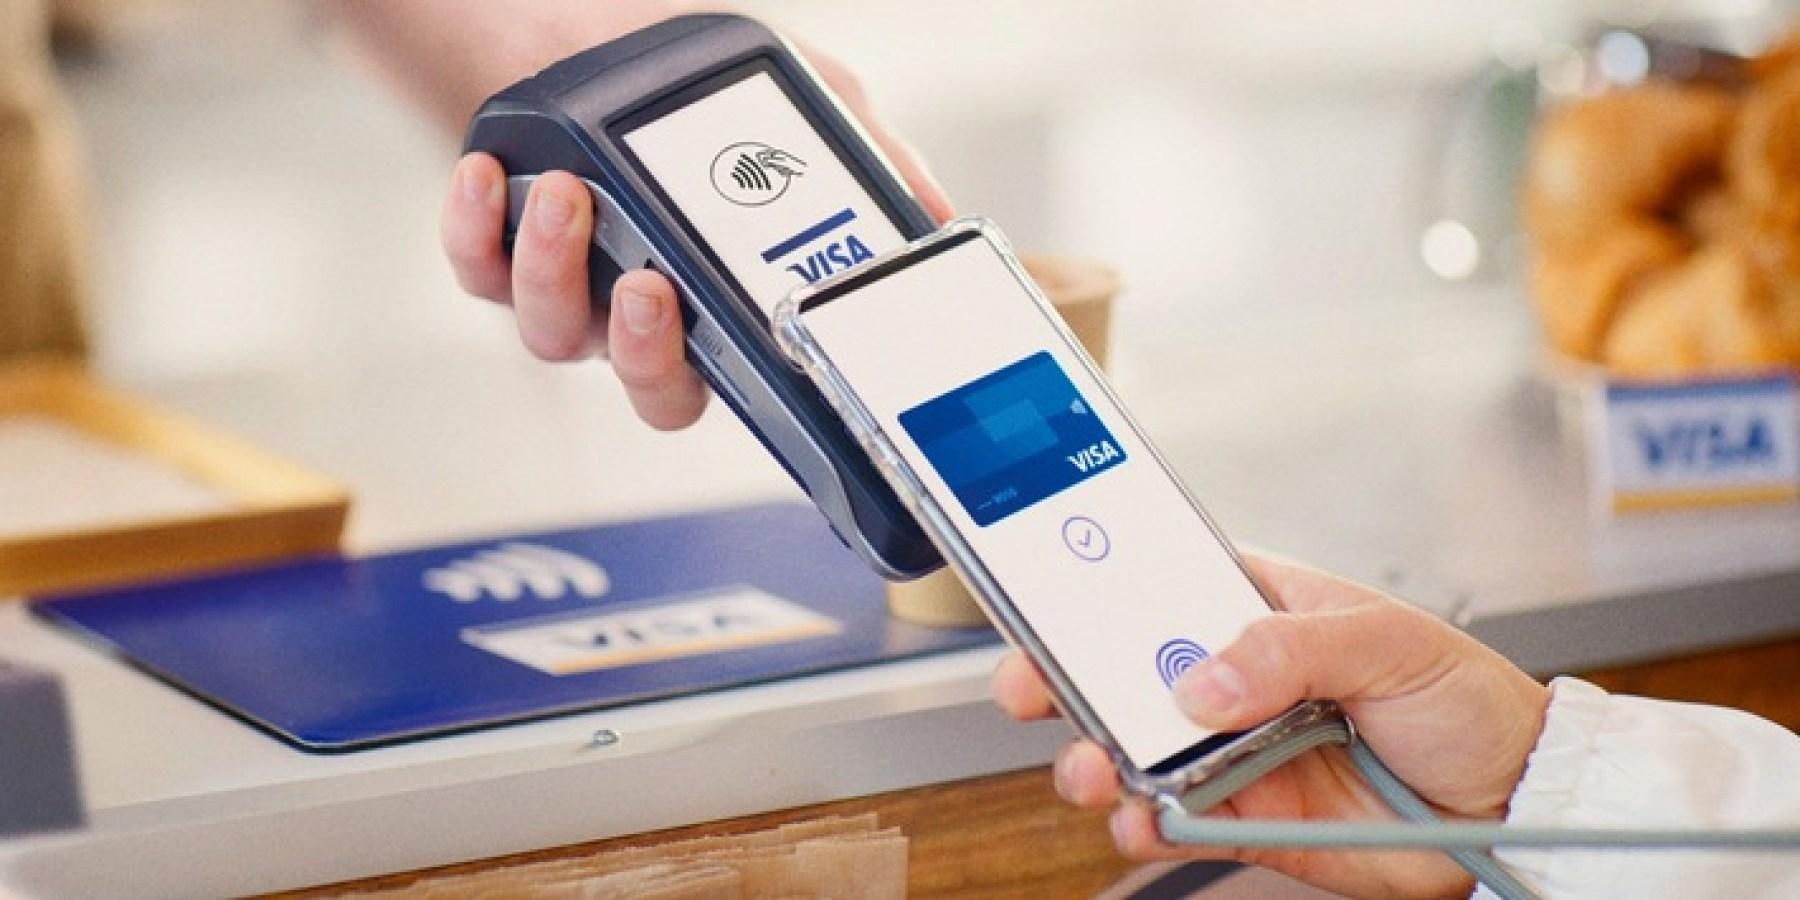 Kontaktloses und mobiles Bezahlen im Aufschwung